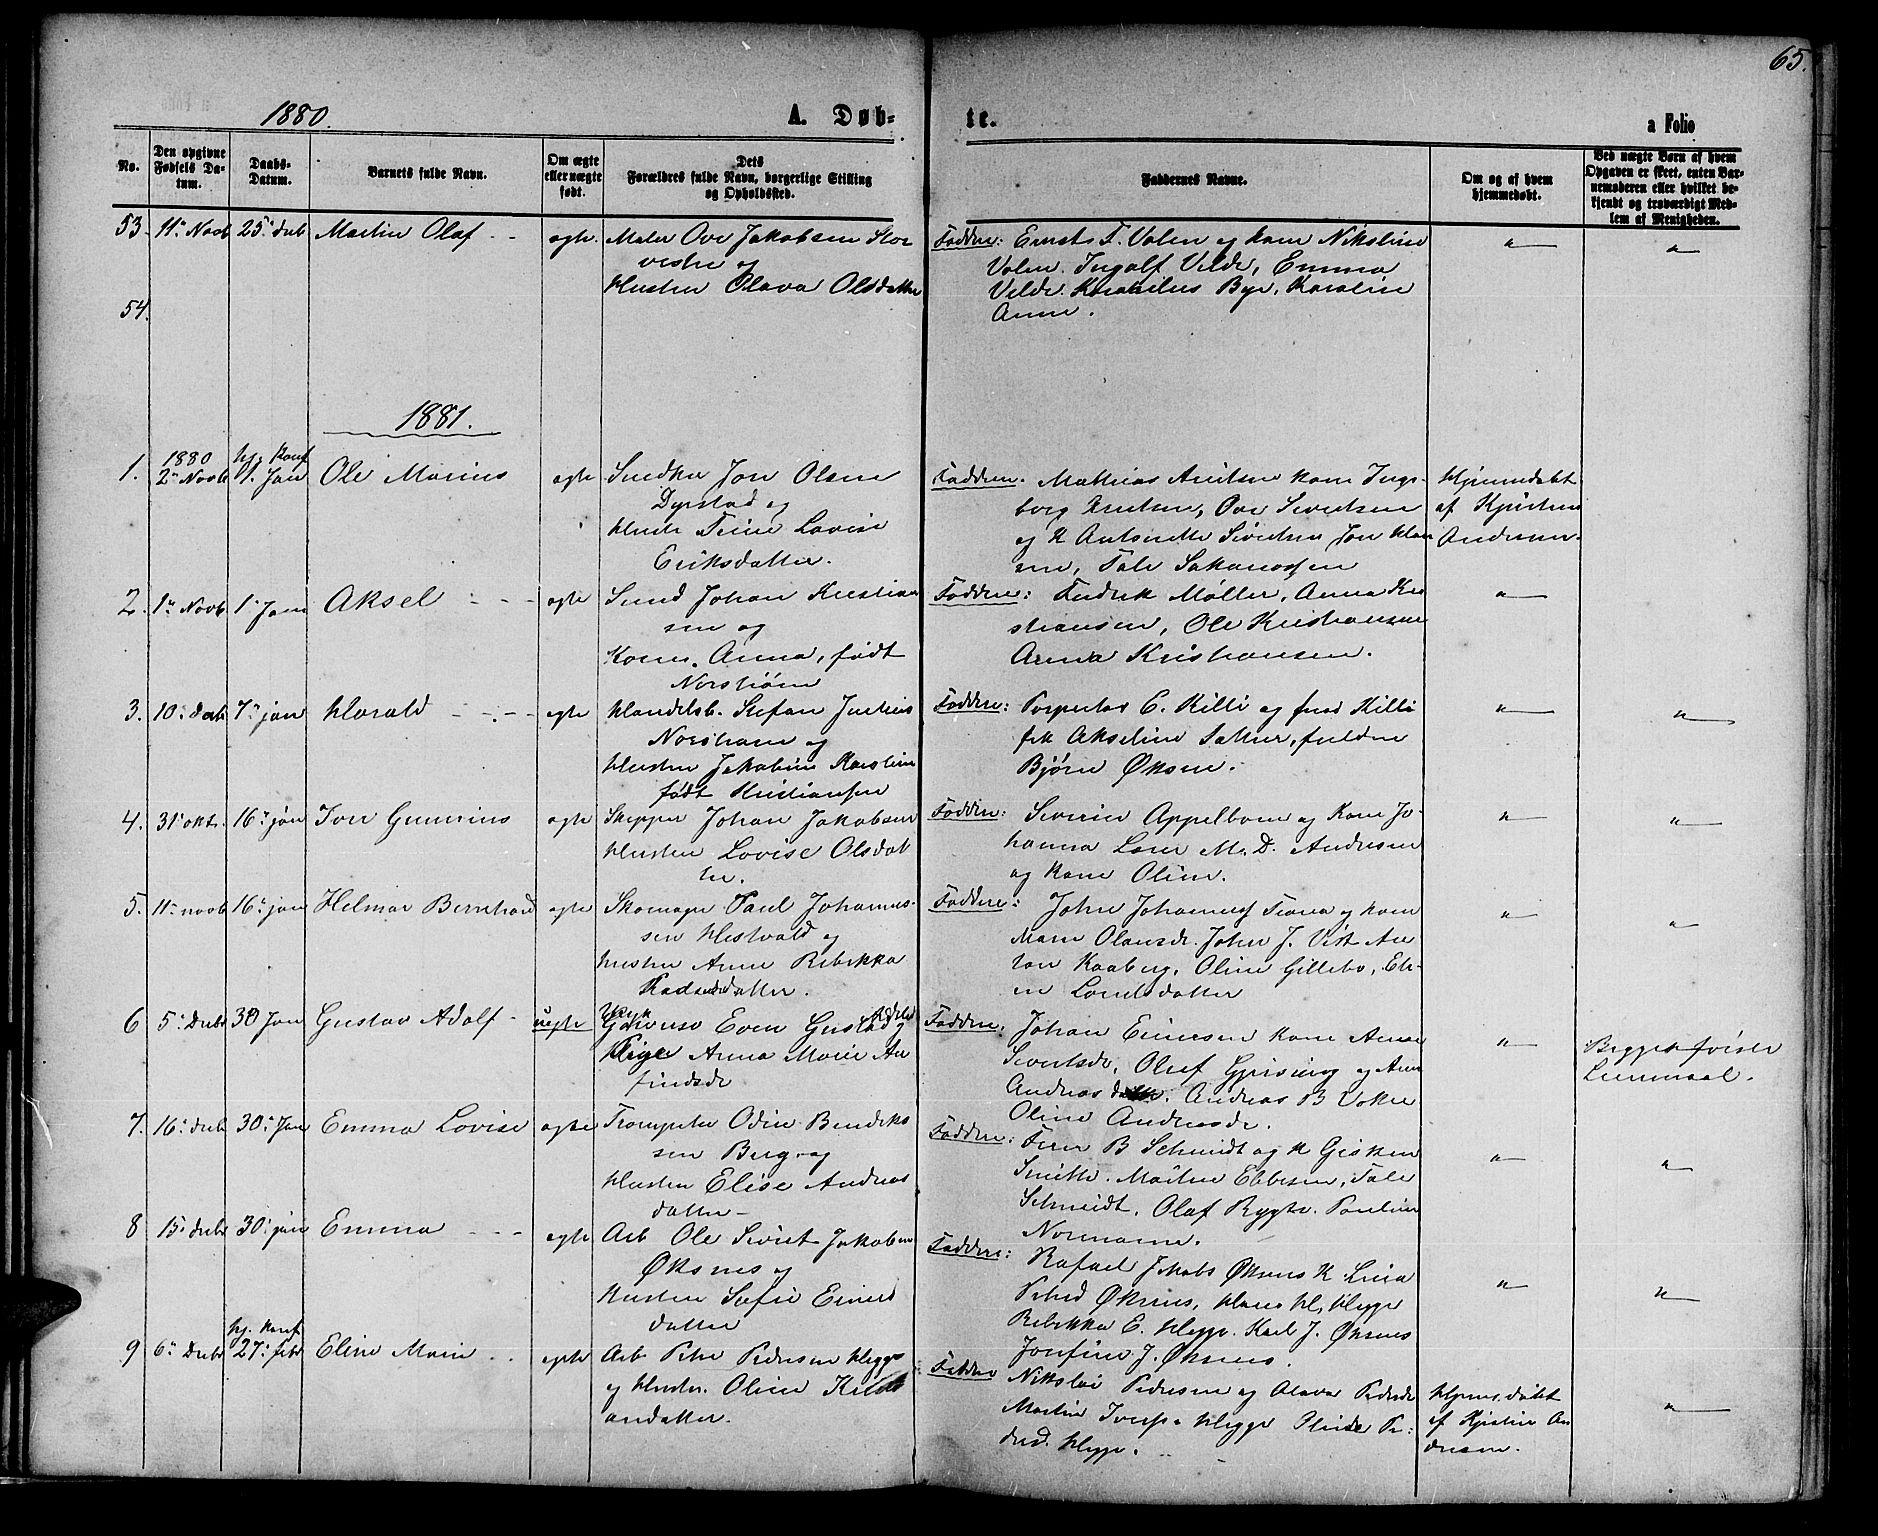 SAT, Ministerialprotokoller, klokkerbøker og fødselsregistre - Nord-Trøndelag, 739/L0373: Klokkerbok nr. 739C01, 1865-1882, s. 65